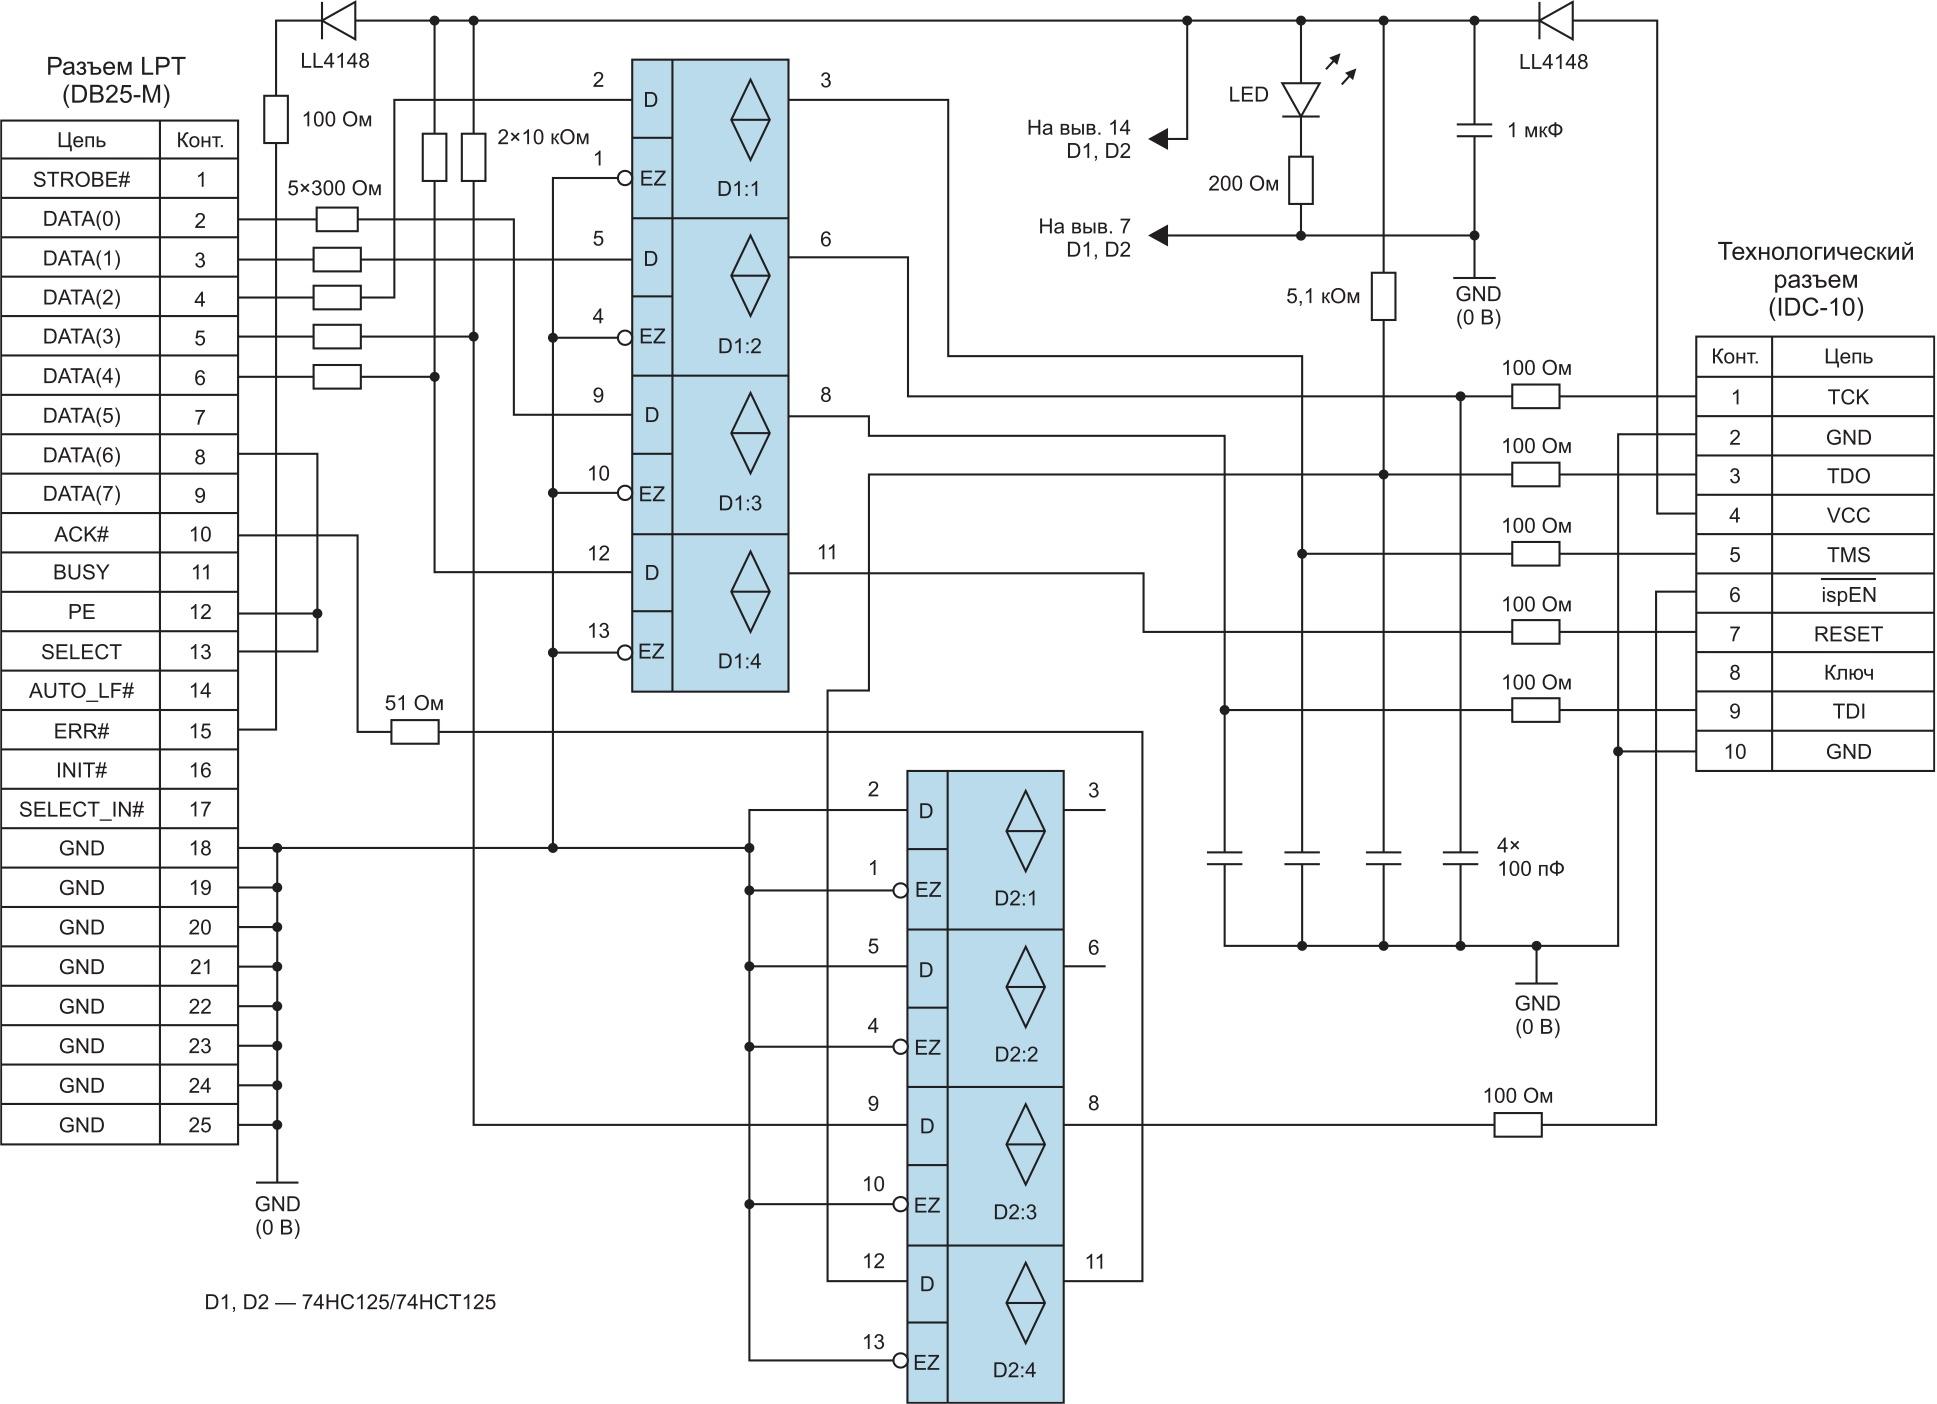 Принципиальная схема загрузочного кабеля для ПЛИС корпорации Lattice Semiconductor